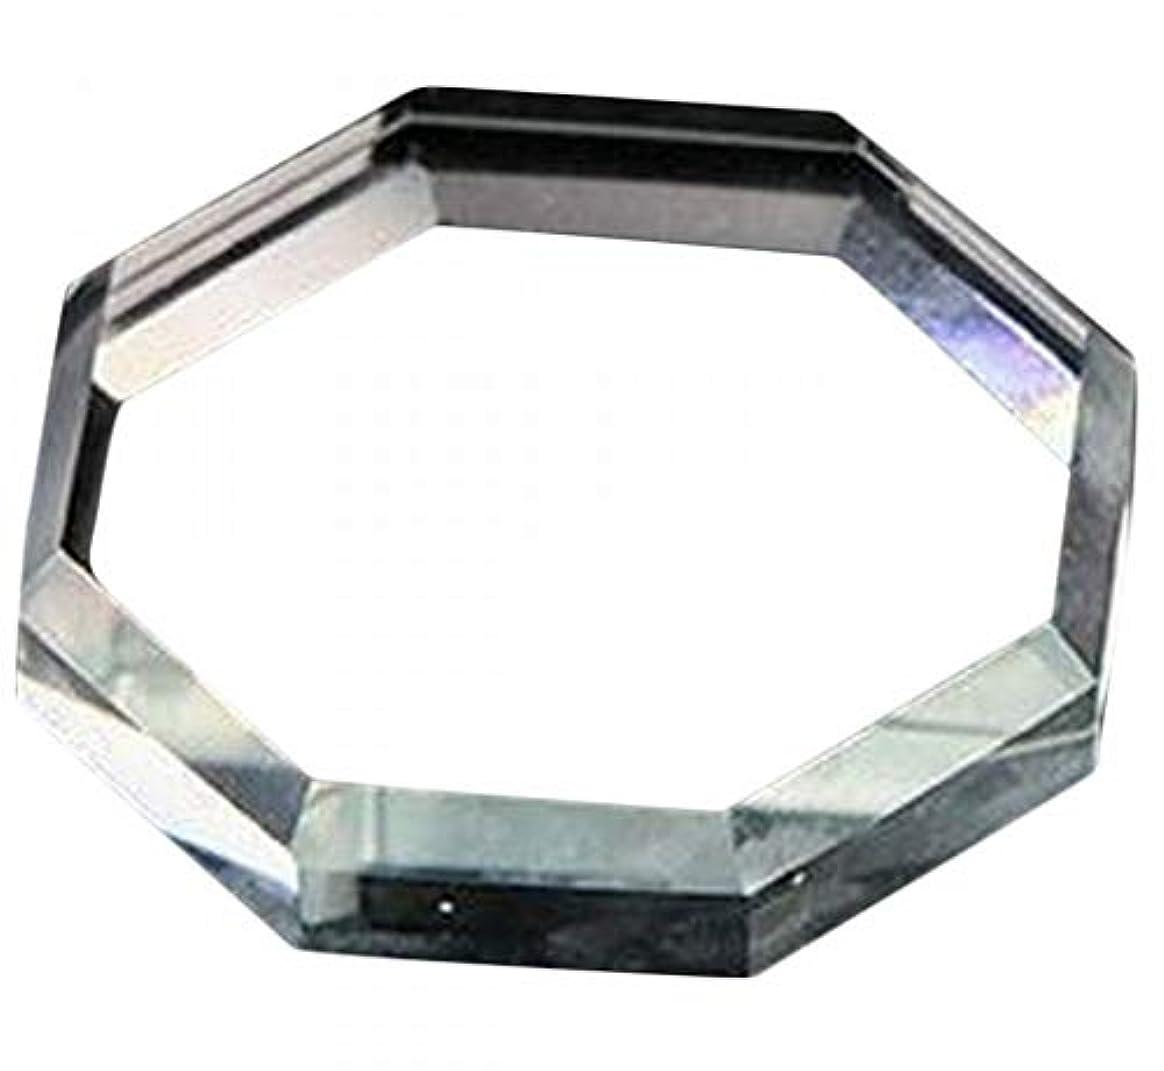 ホイットニーふける増加するPlus Nao(プラスナオ) ガラスパレット ネイルアート ネイルパレット 八角形 サークル スクエア ジェルネイル スカルプチャー アクリルアー